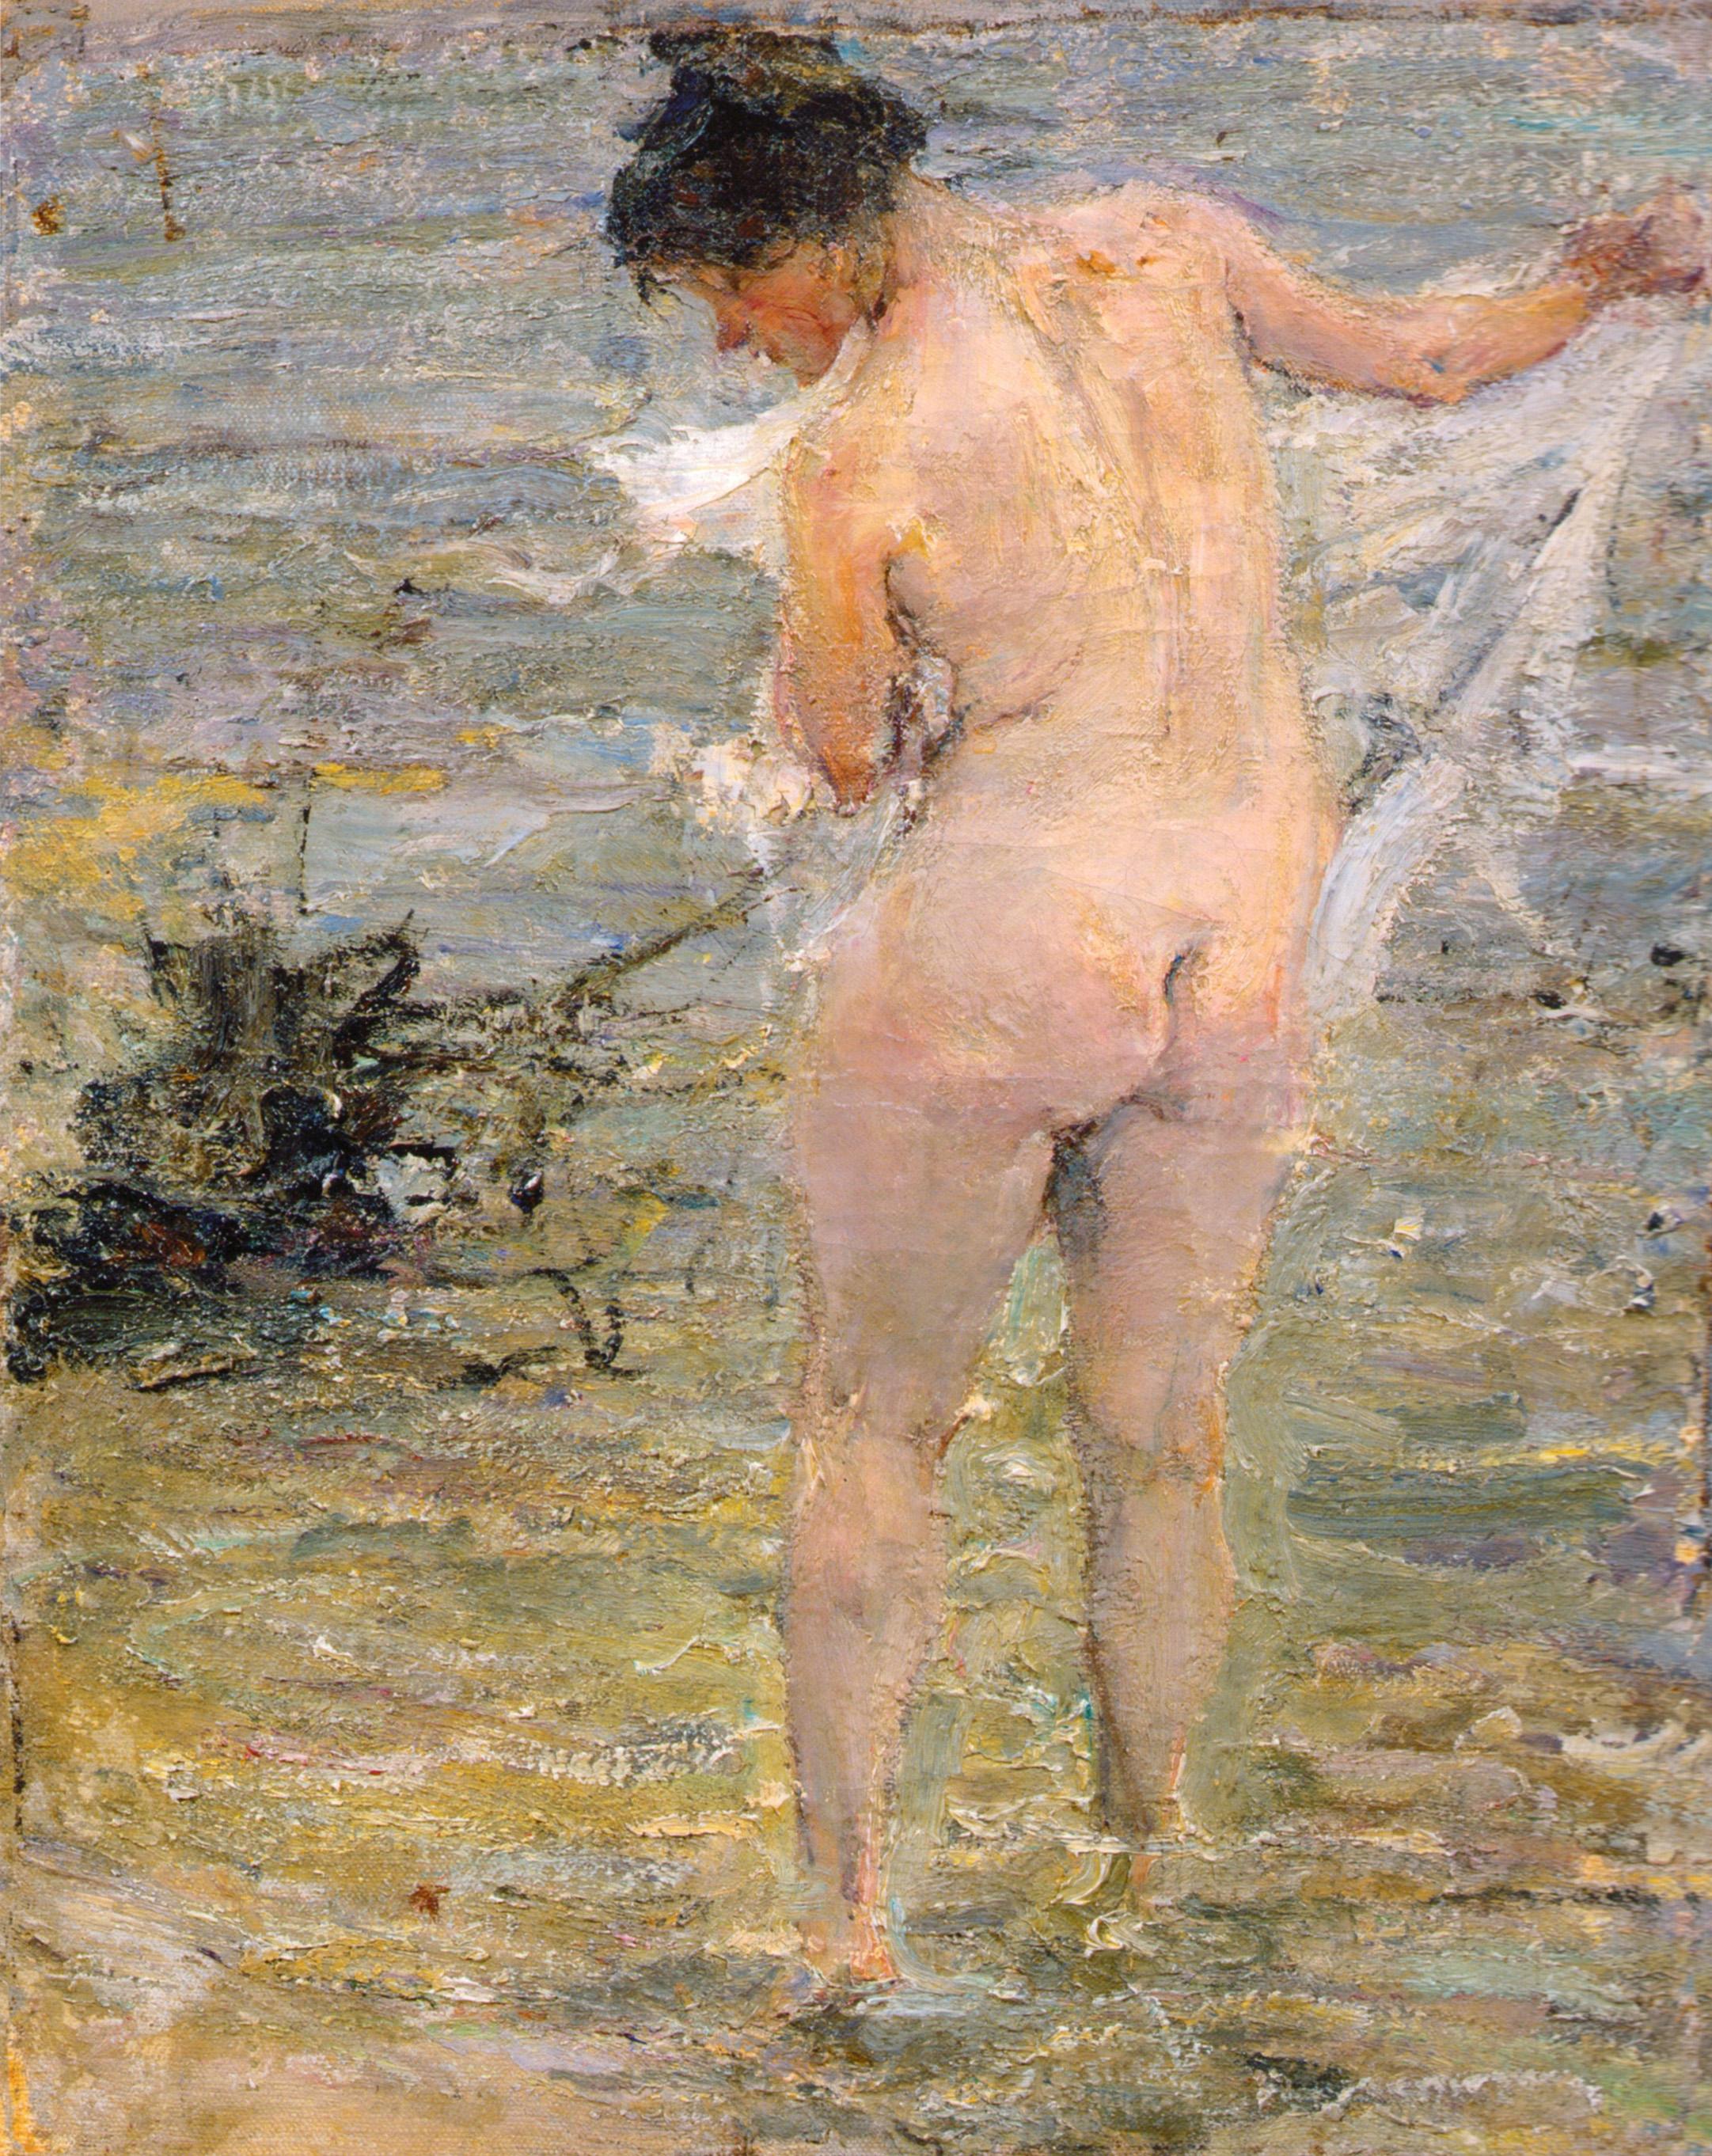 жена купалась голая мальчики отвернитесь